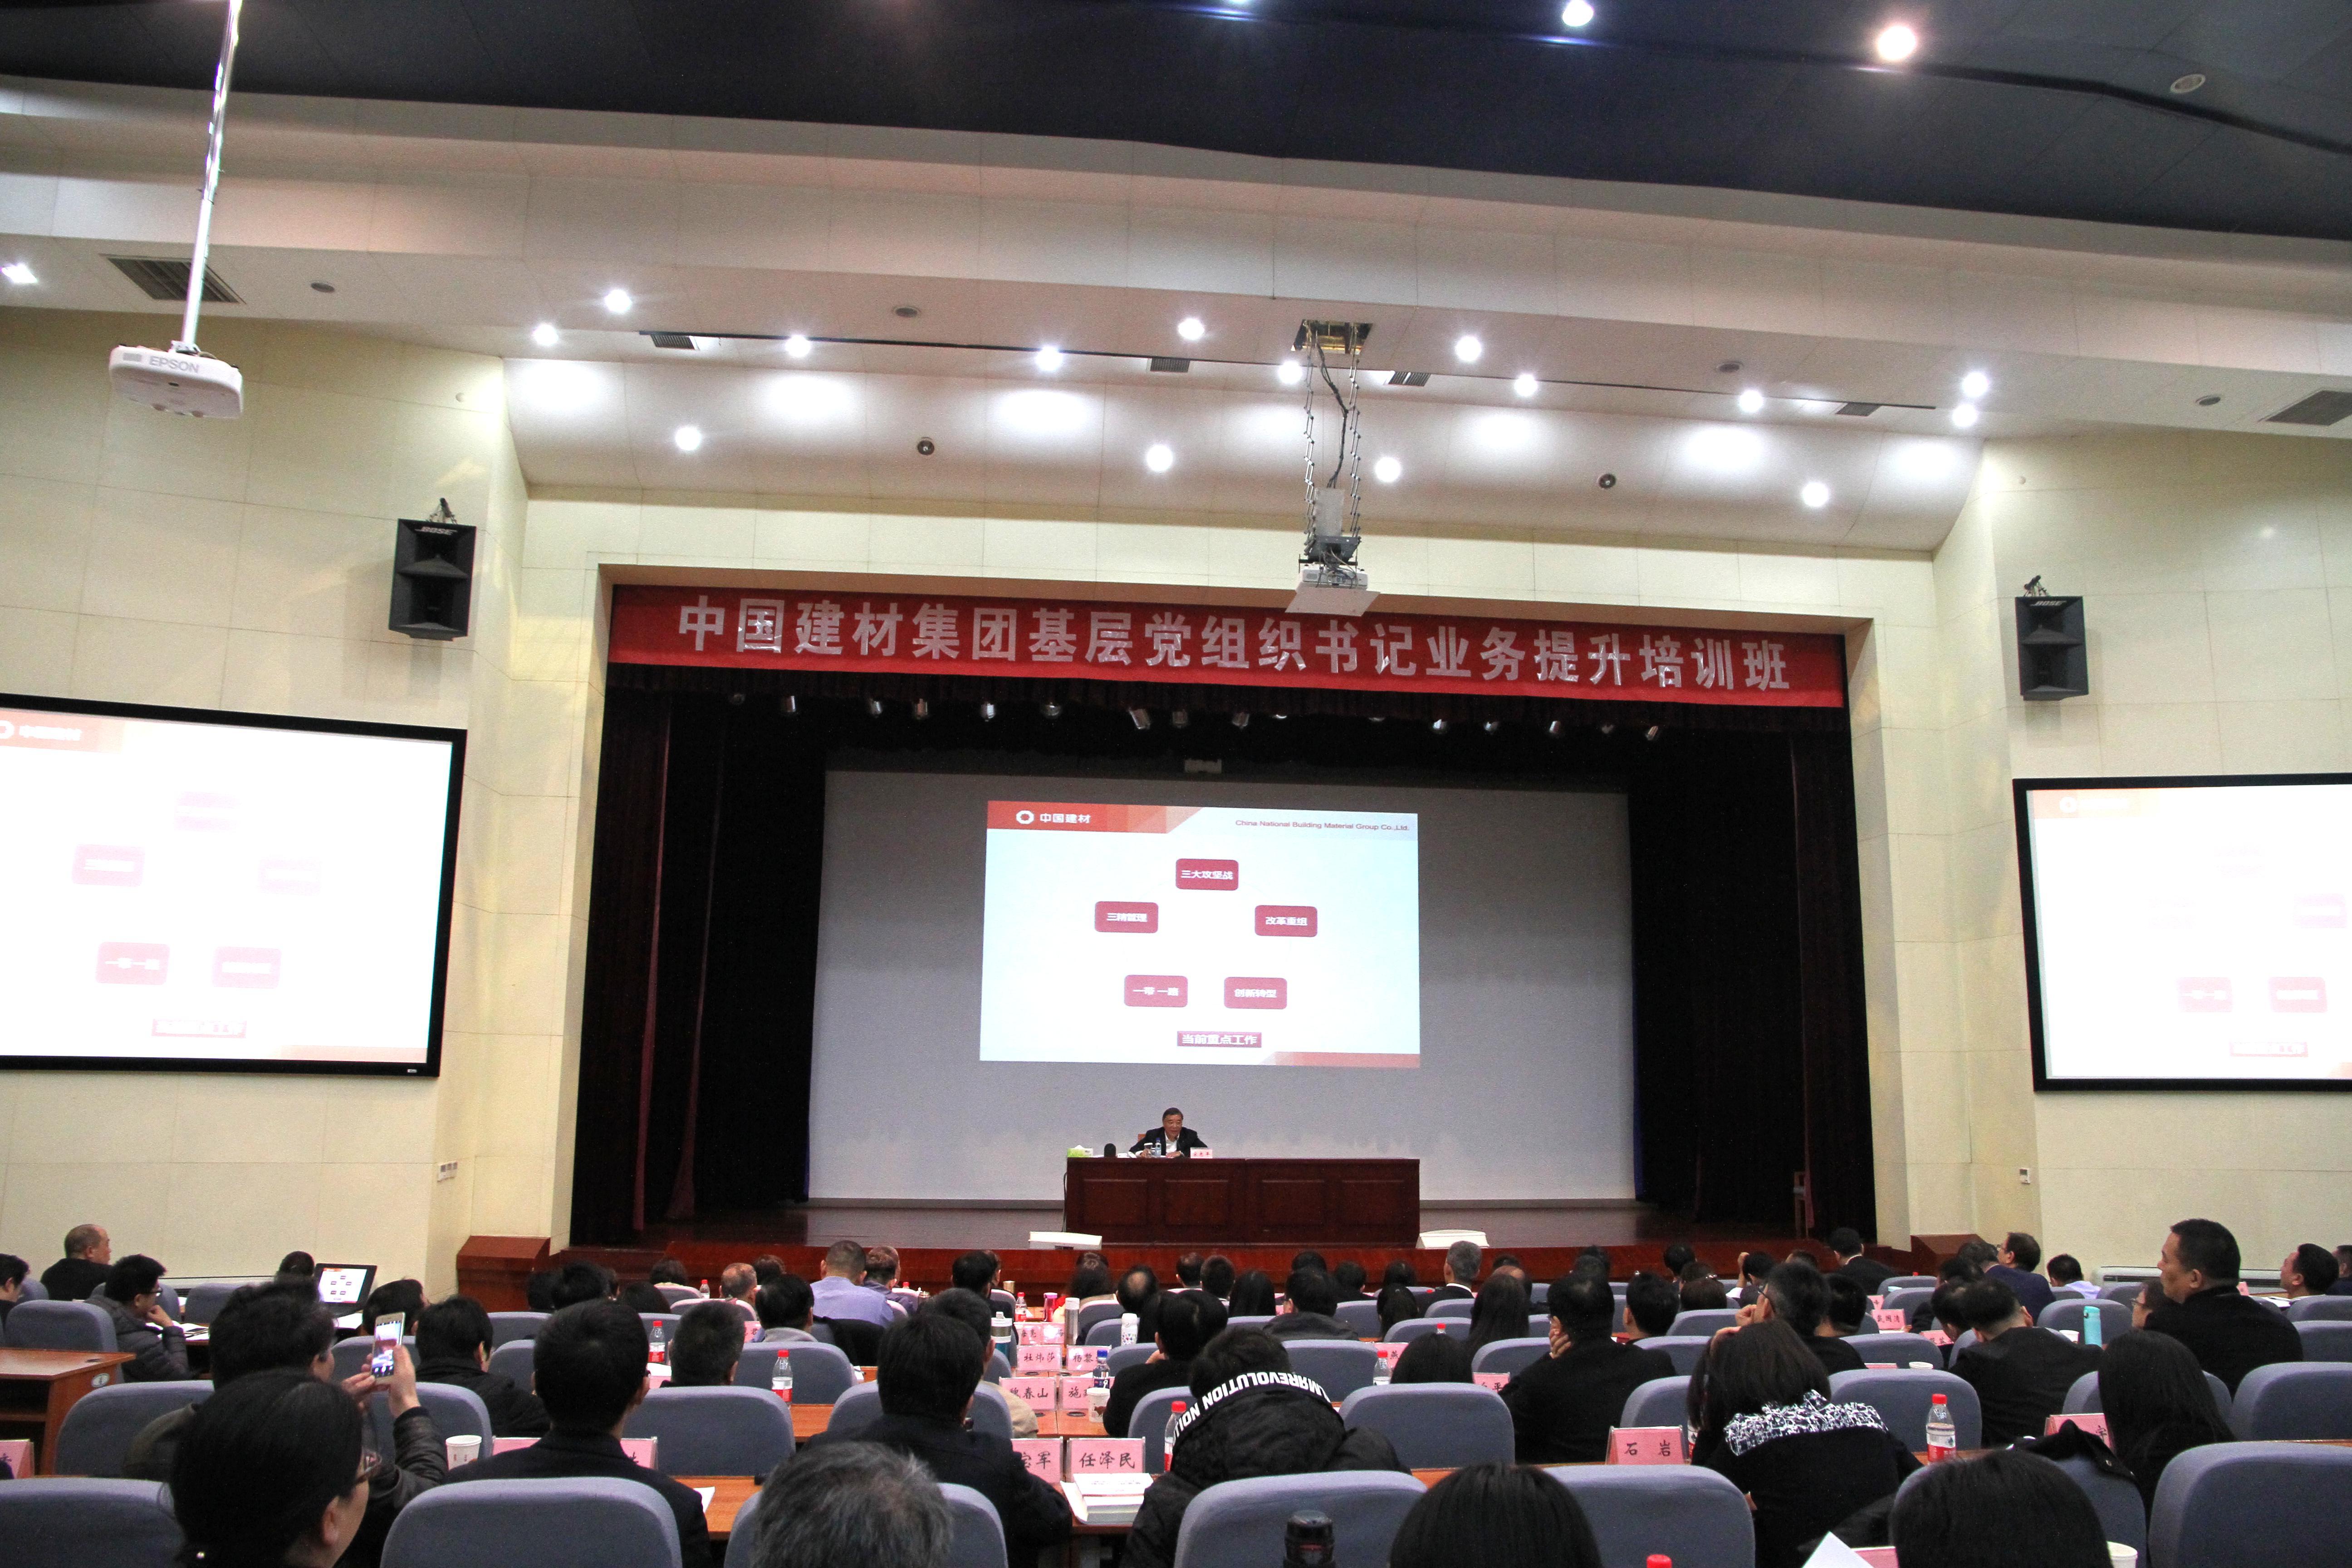 中国建材集团2019年第一期基层党组织书记业务提升培训班圆满结业